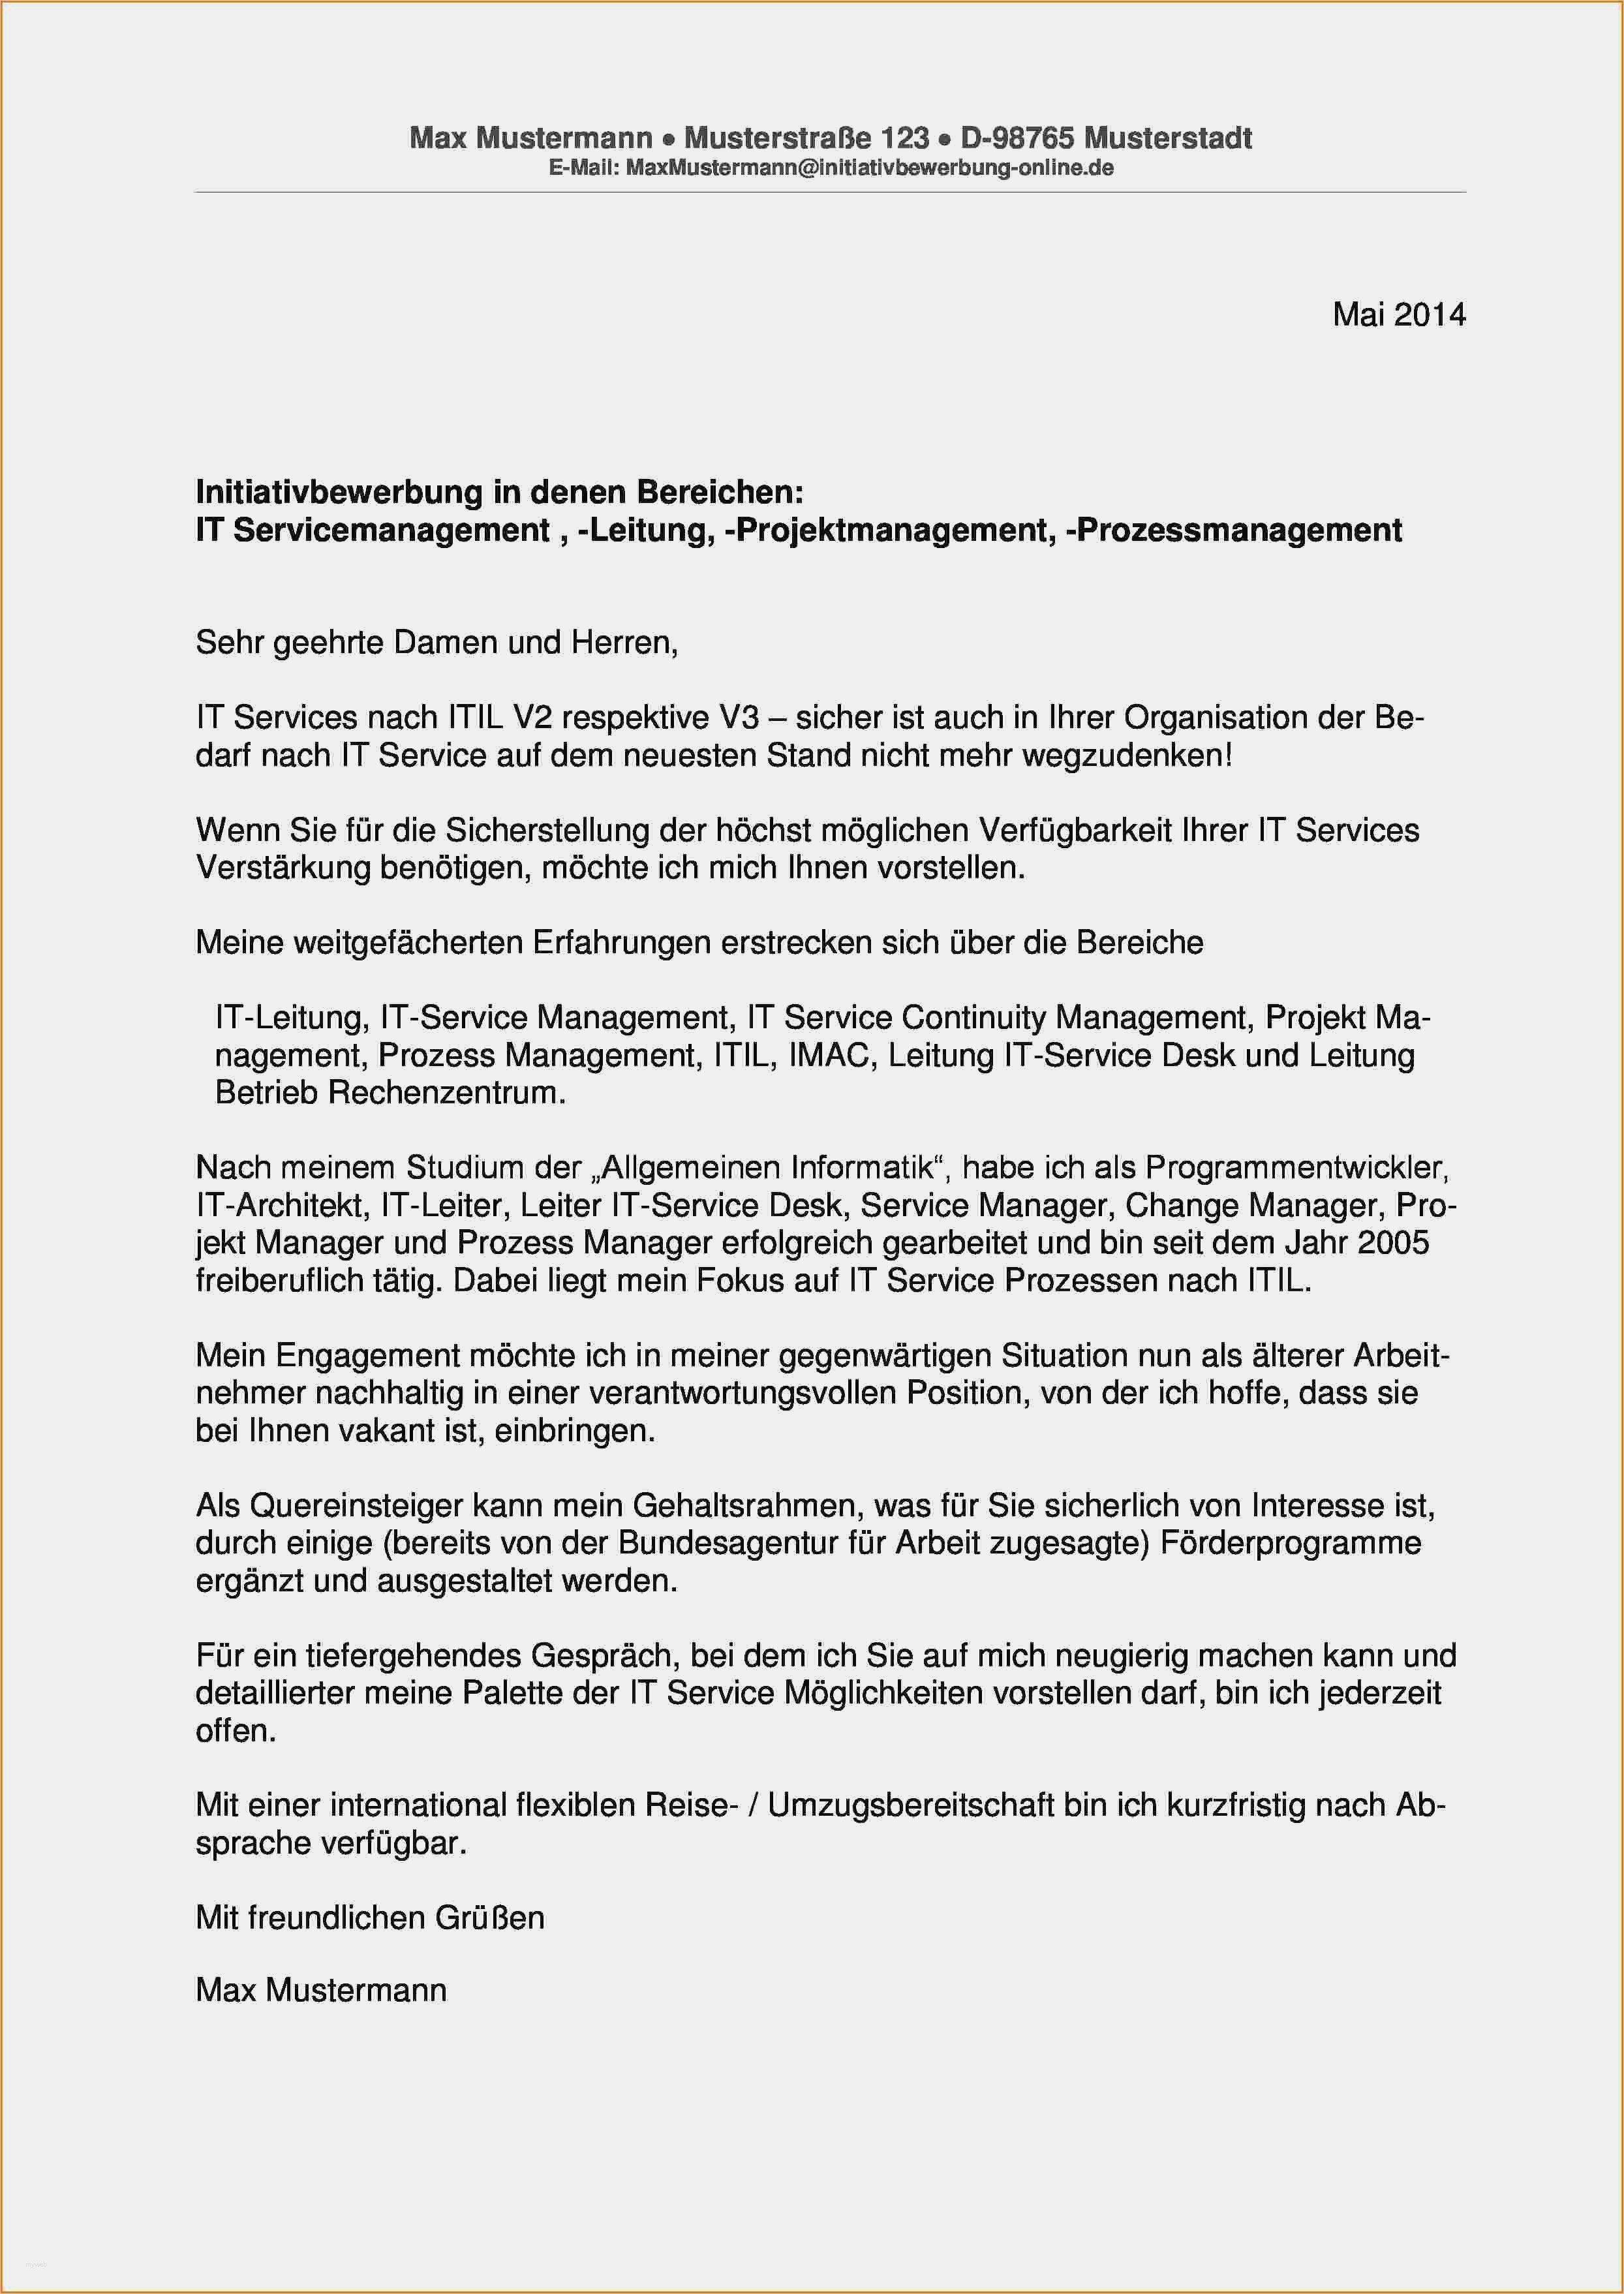 Einzigartig Bewerbung Als Hausmeister Quereinsteiger Briefprobe Briefformat Briefvorlage Bewerbung Schreiben Bewerbungsschreiben Bewerbung